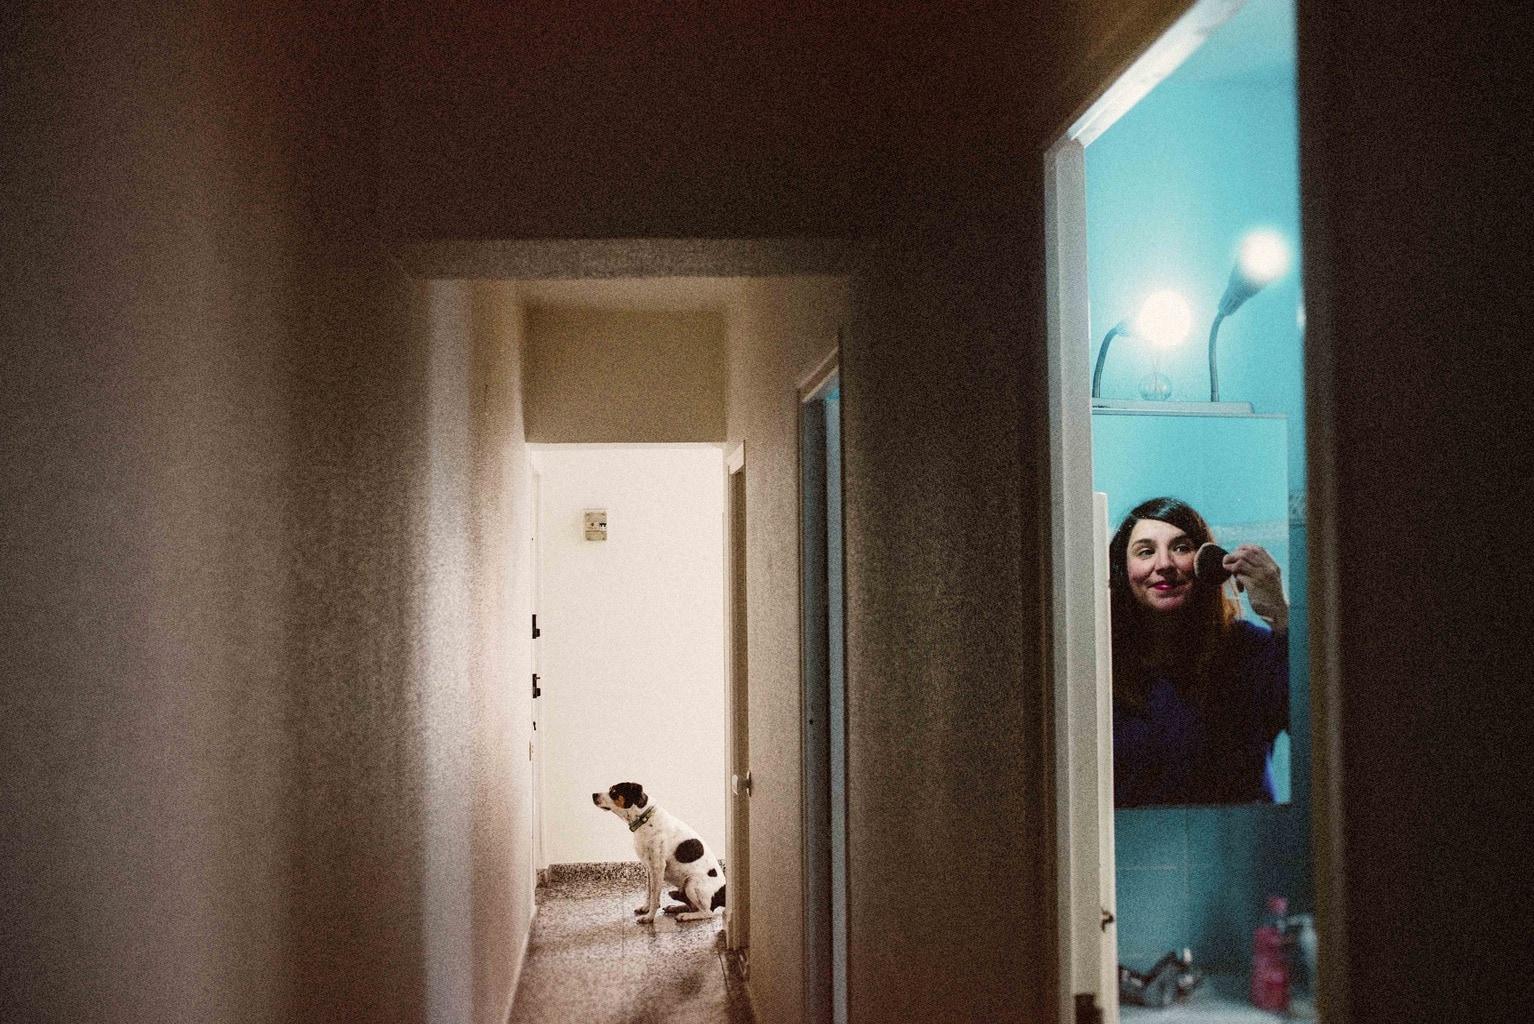 Autorretrato de chica pintándose mientras su perro espera en la puerta para salir